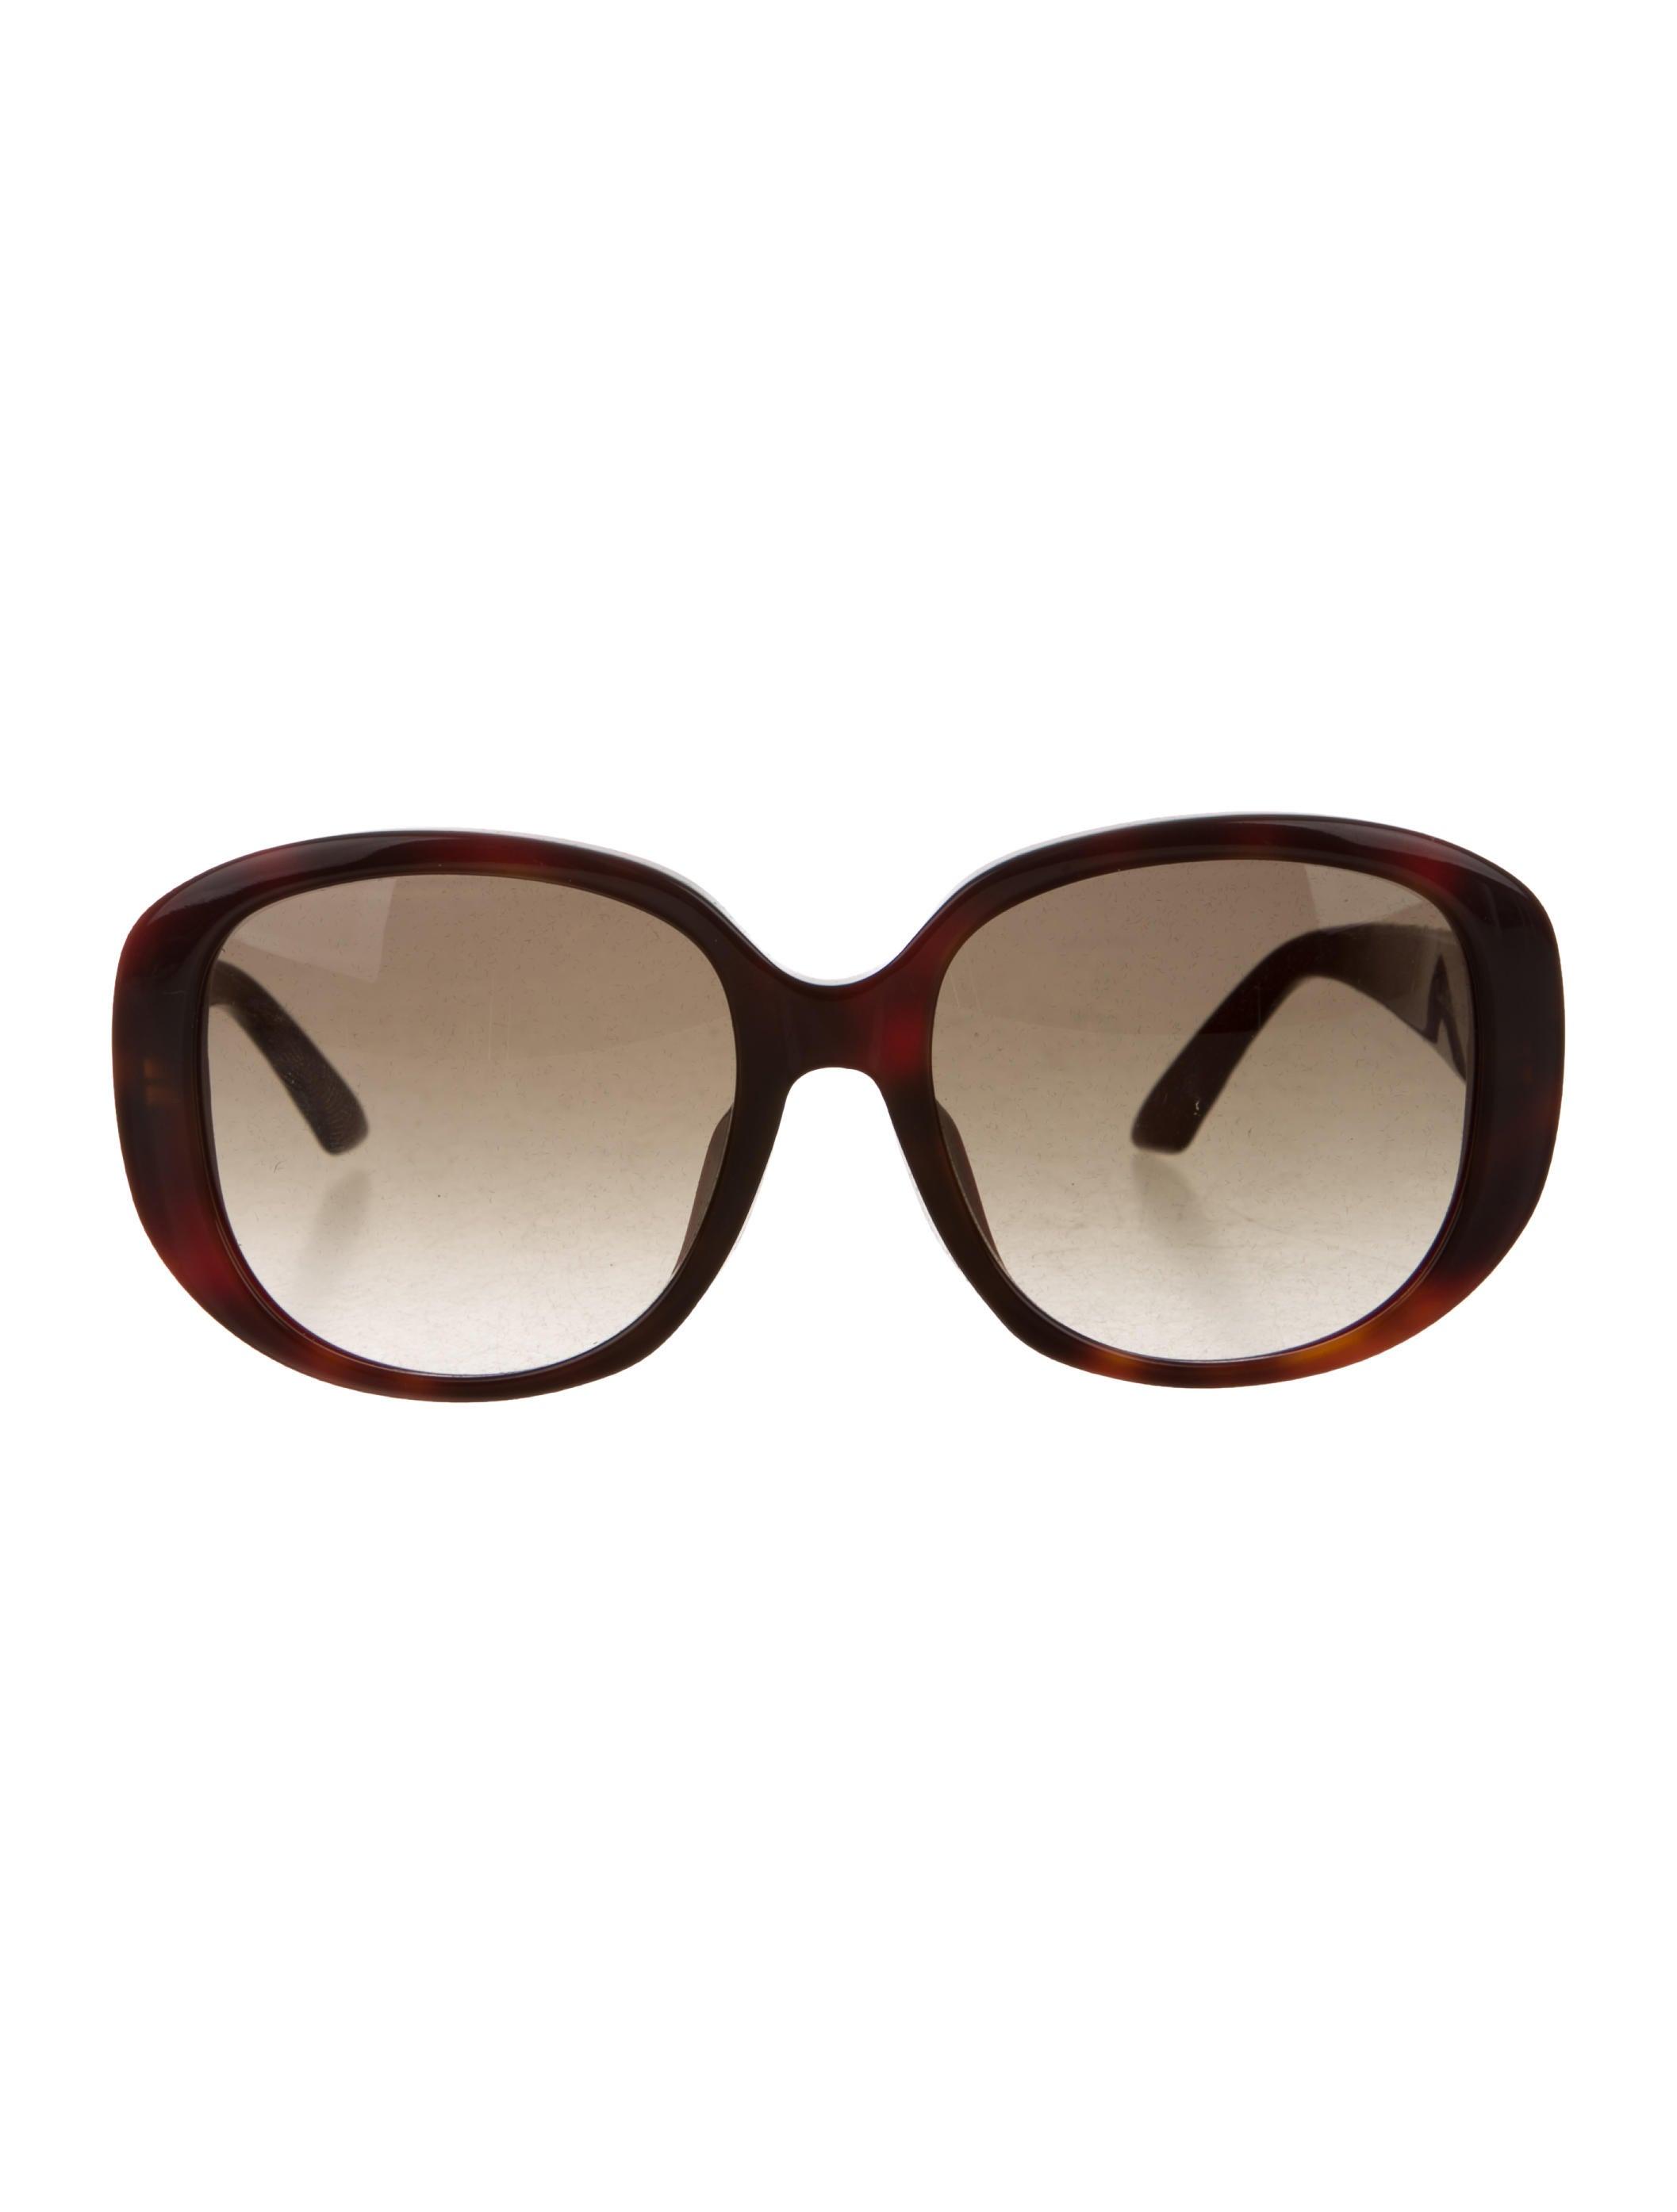 131ac41fa35 Christian Dior Sunglasses My Lady